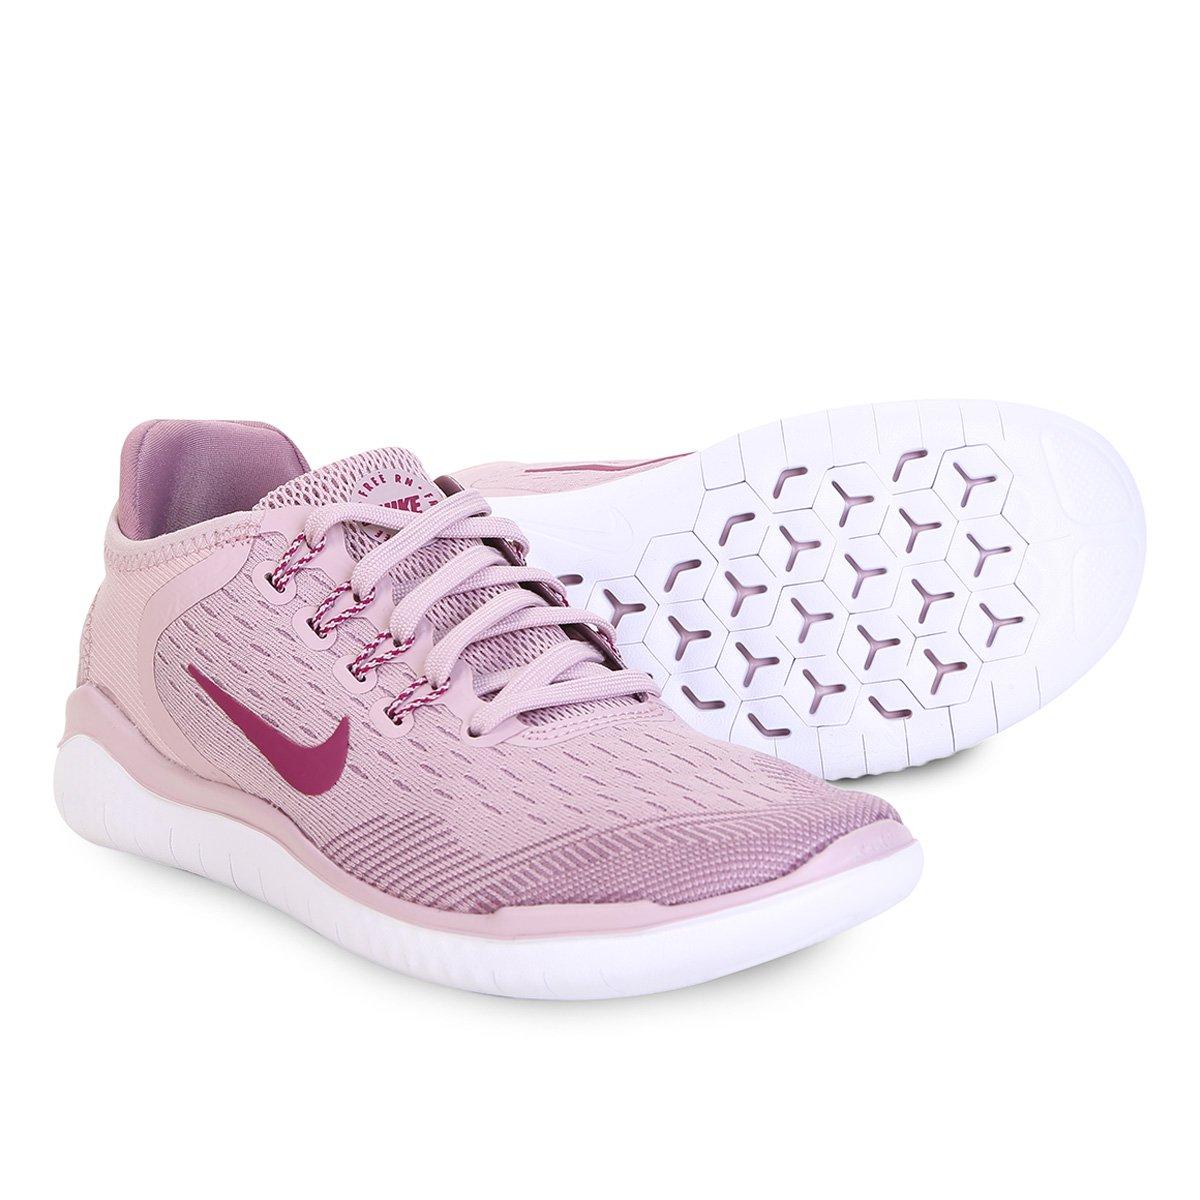 1e1c987bce3 Tênis Nike Free Rn 2018 Feminino - Rose Gold - Compre Agora